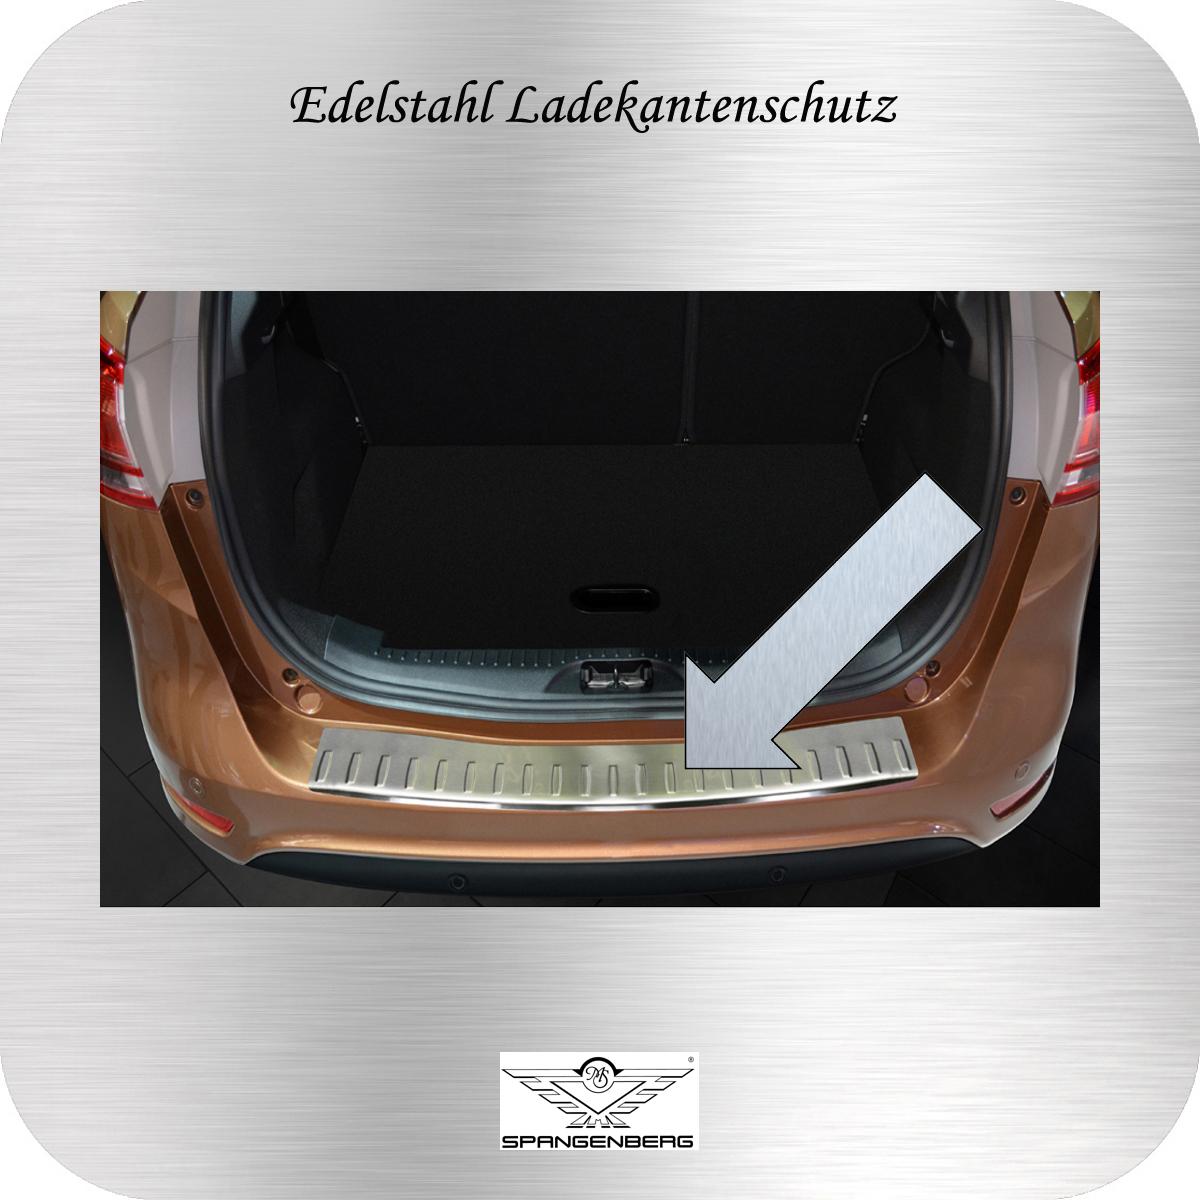 Ladekantenschutz Edelstahl Ford B-Max Van Kombi 2012- 3235693